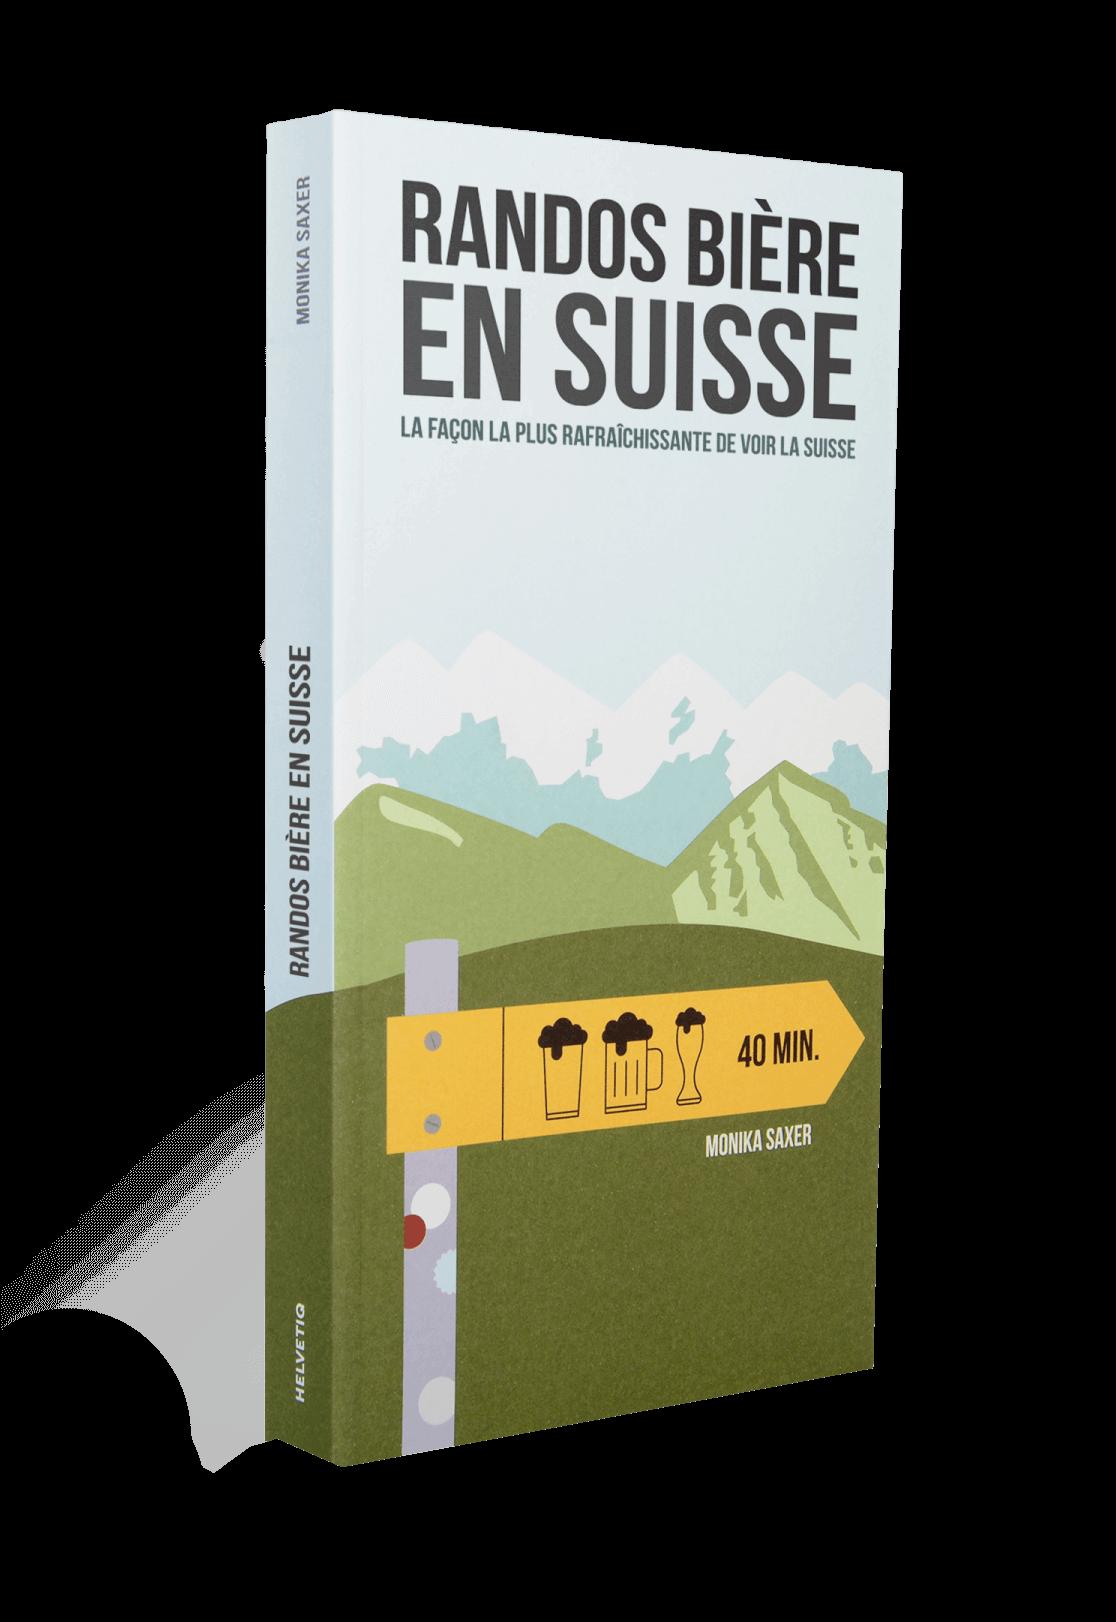 randonnée bière en suisse